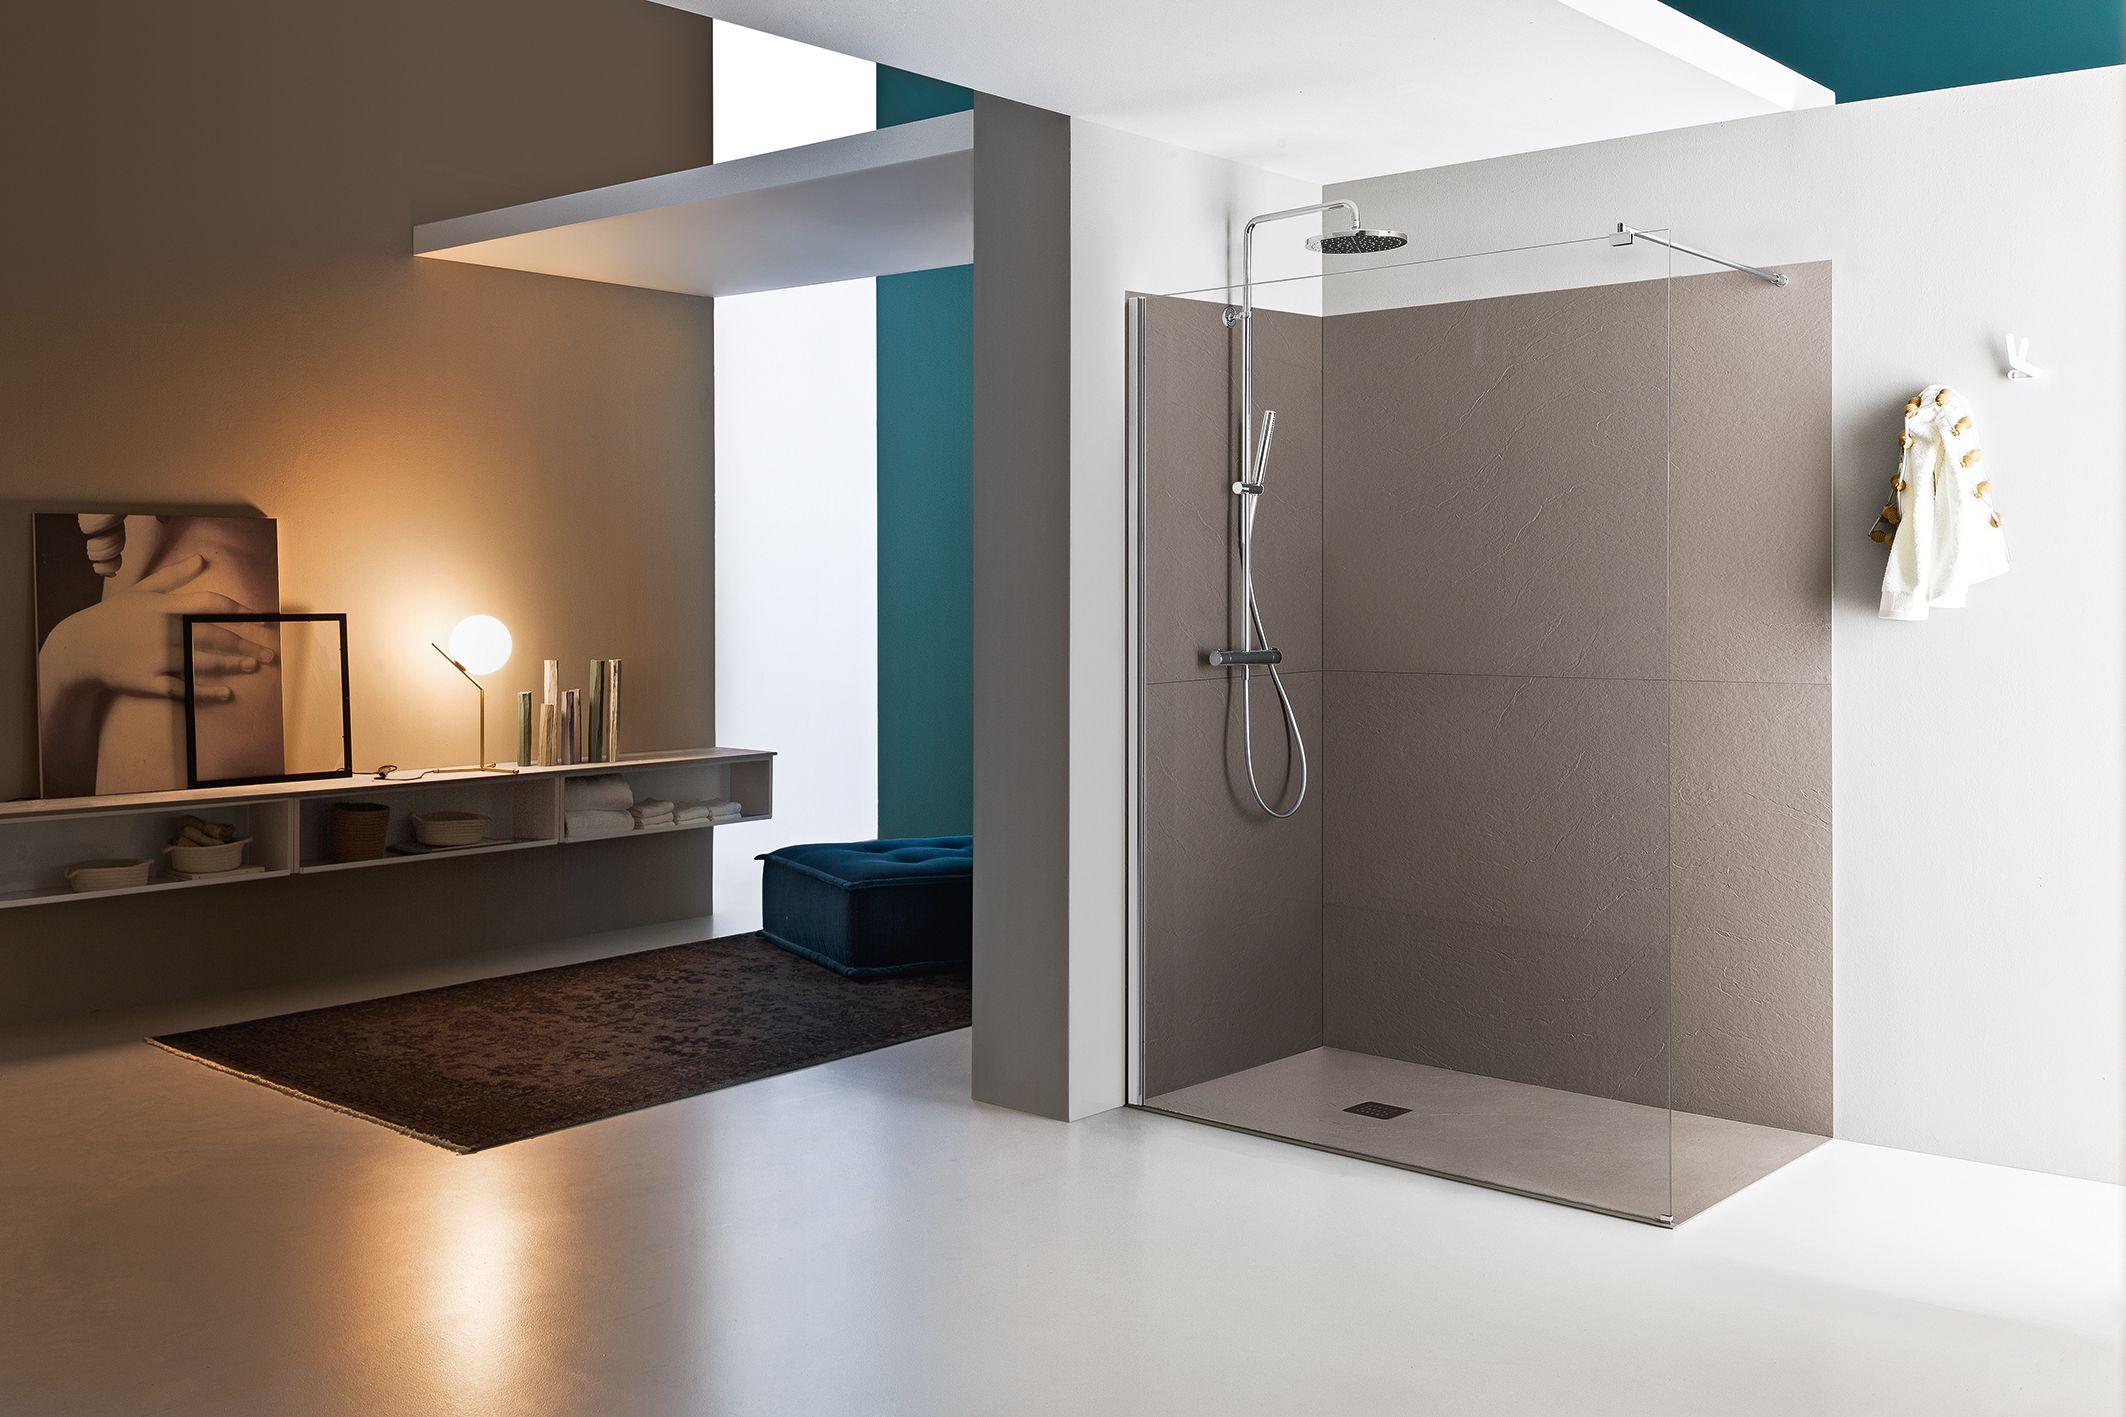 Cabine Doccia Complete : Box doccia senza telaio commercio idrotermosanitario